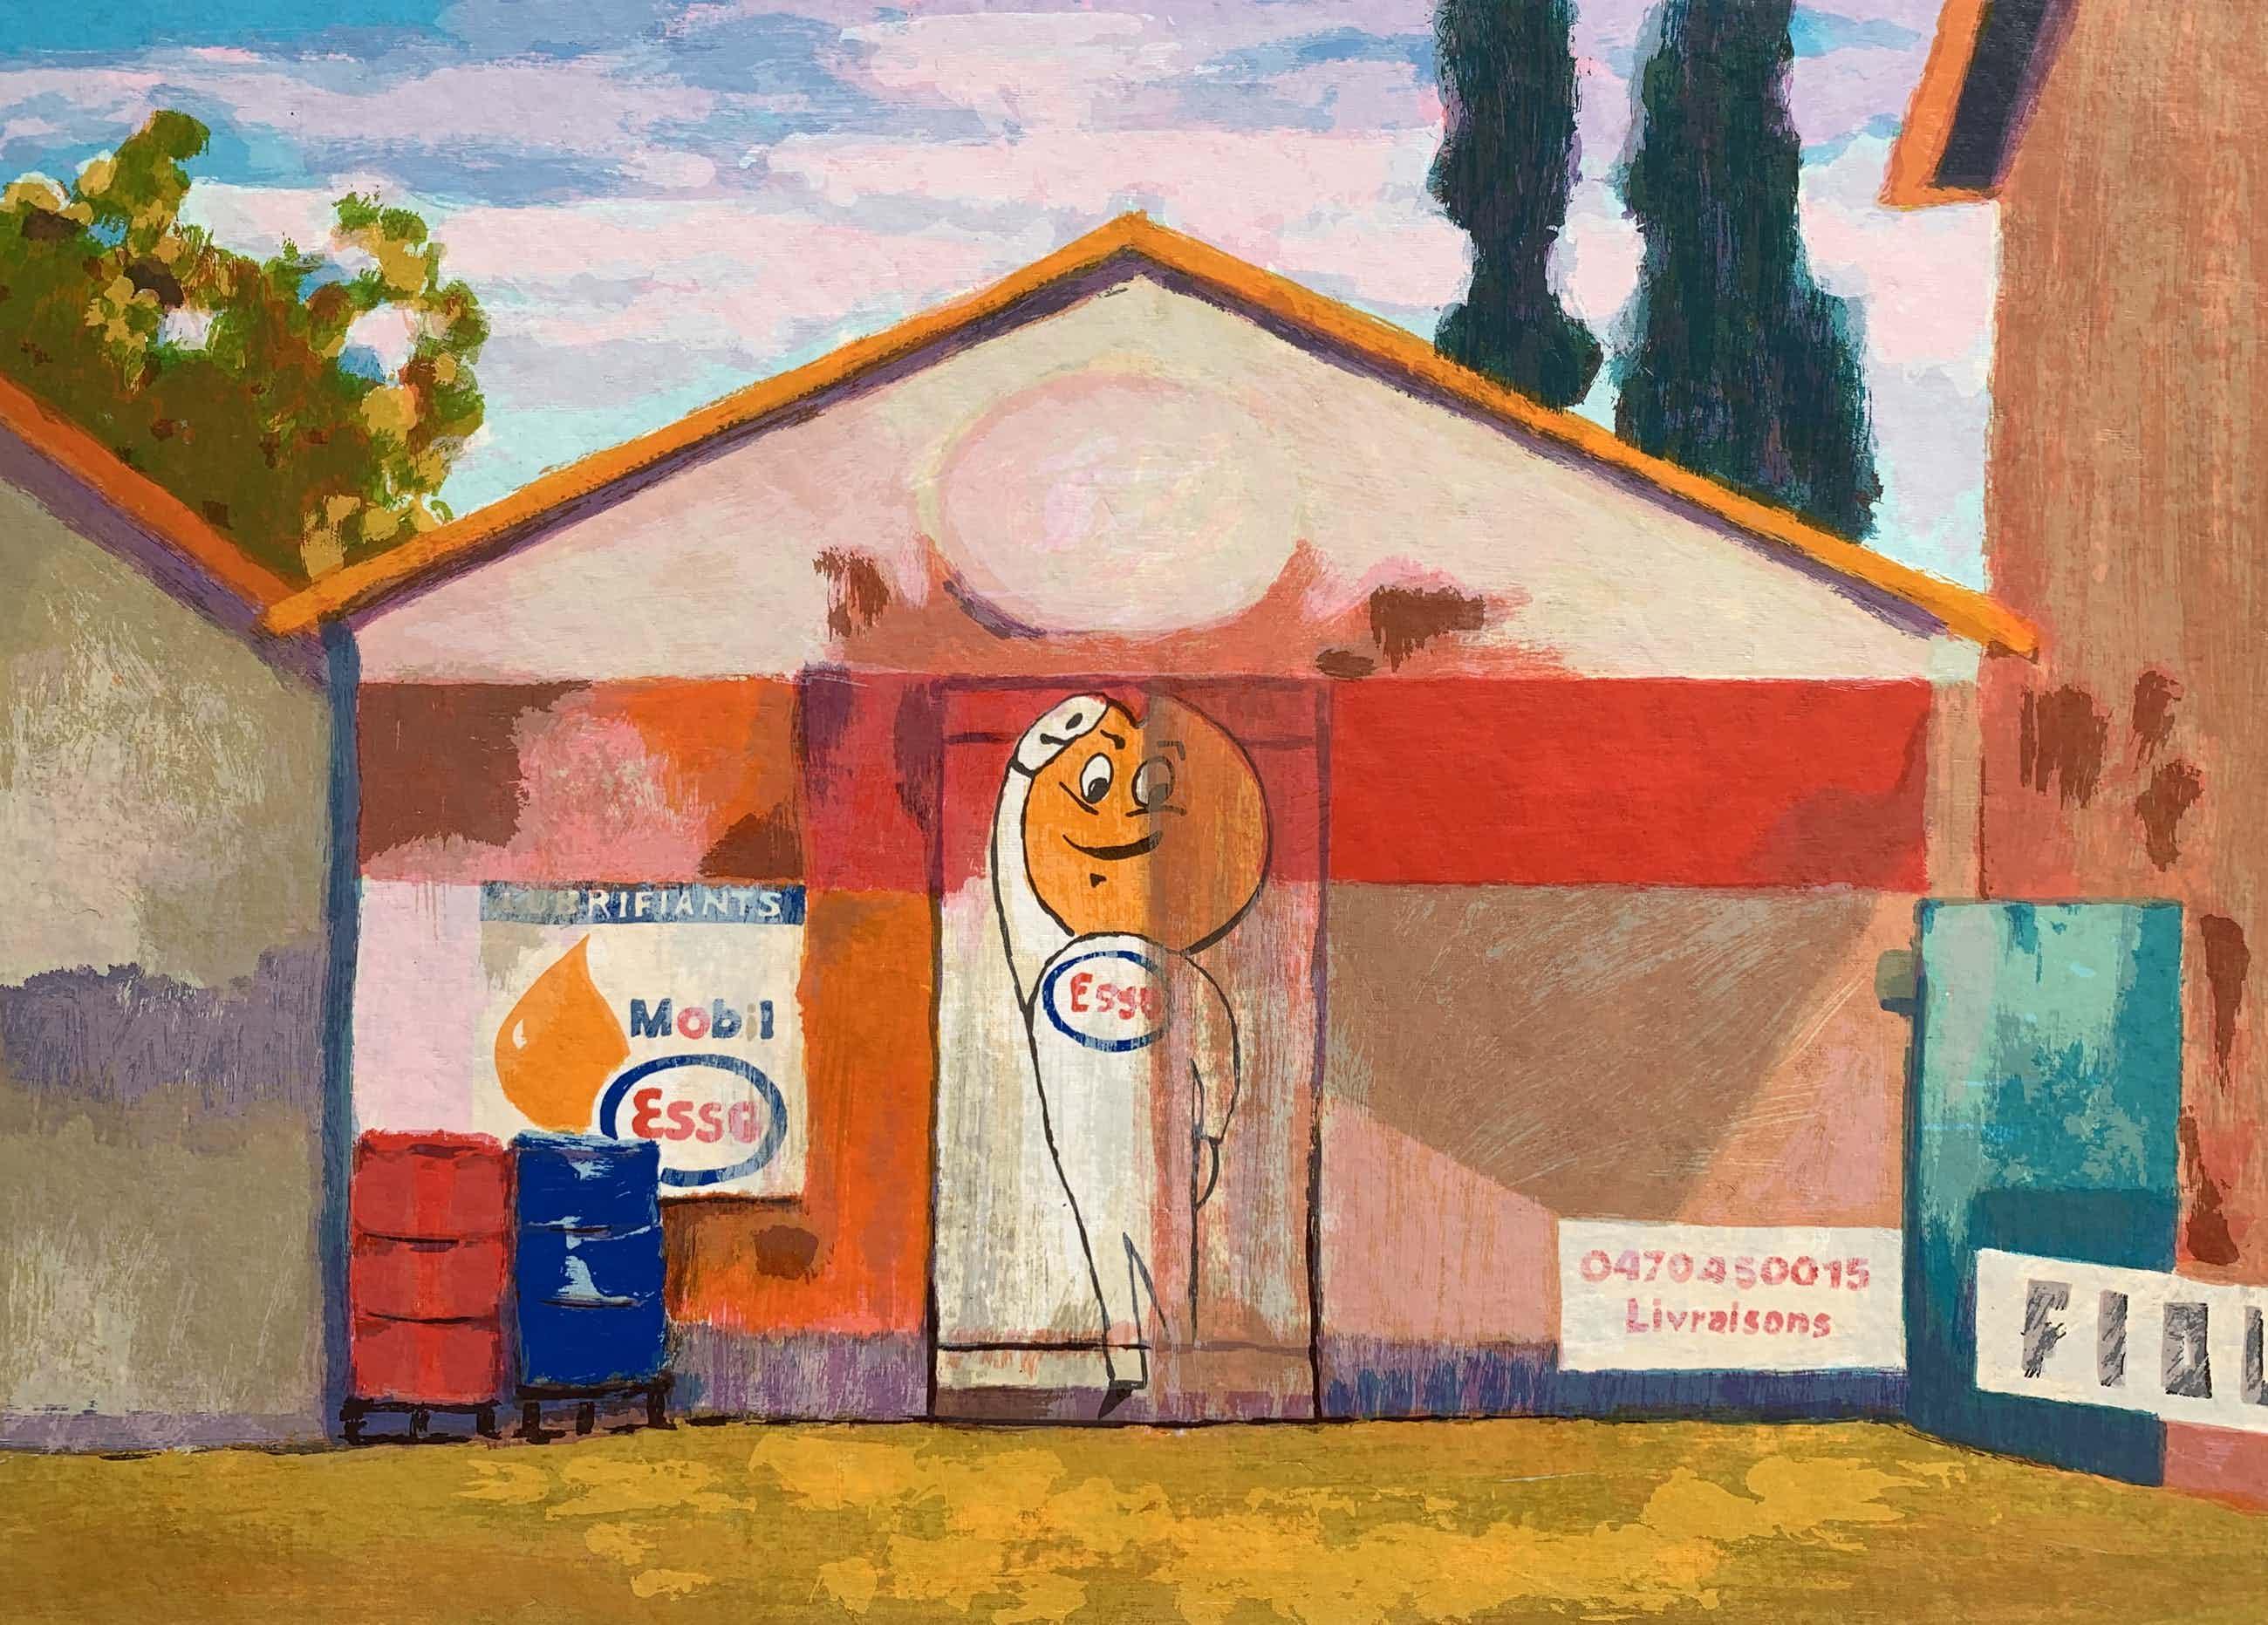 Willem Brauck - kleurenlitho | 'Mobil Esso' | 2006 kopen? Bied vanaf 60!